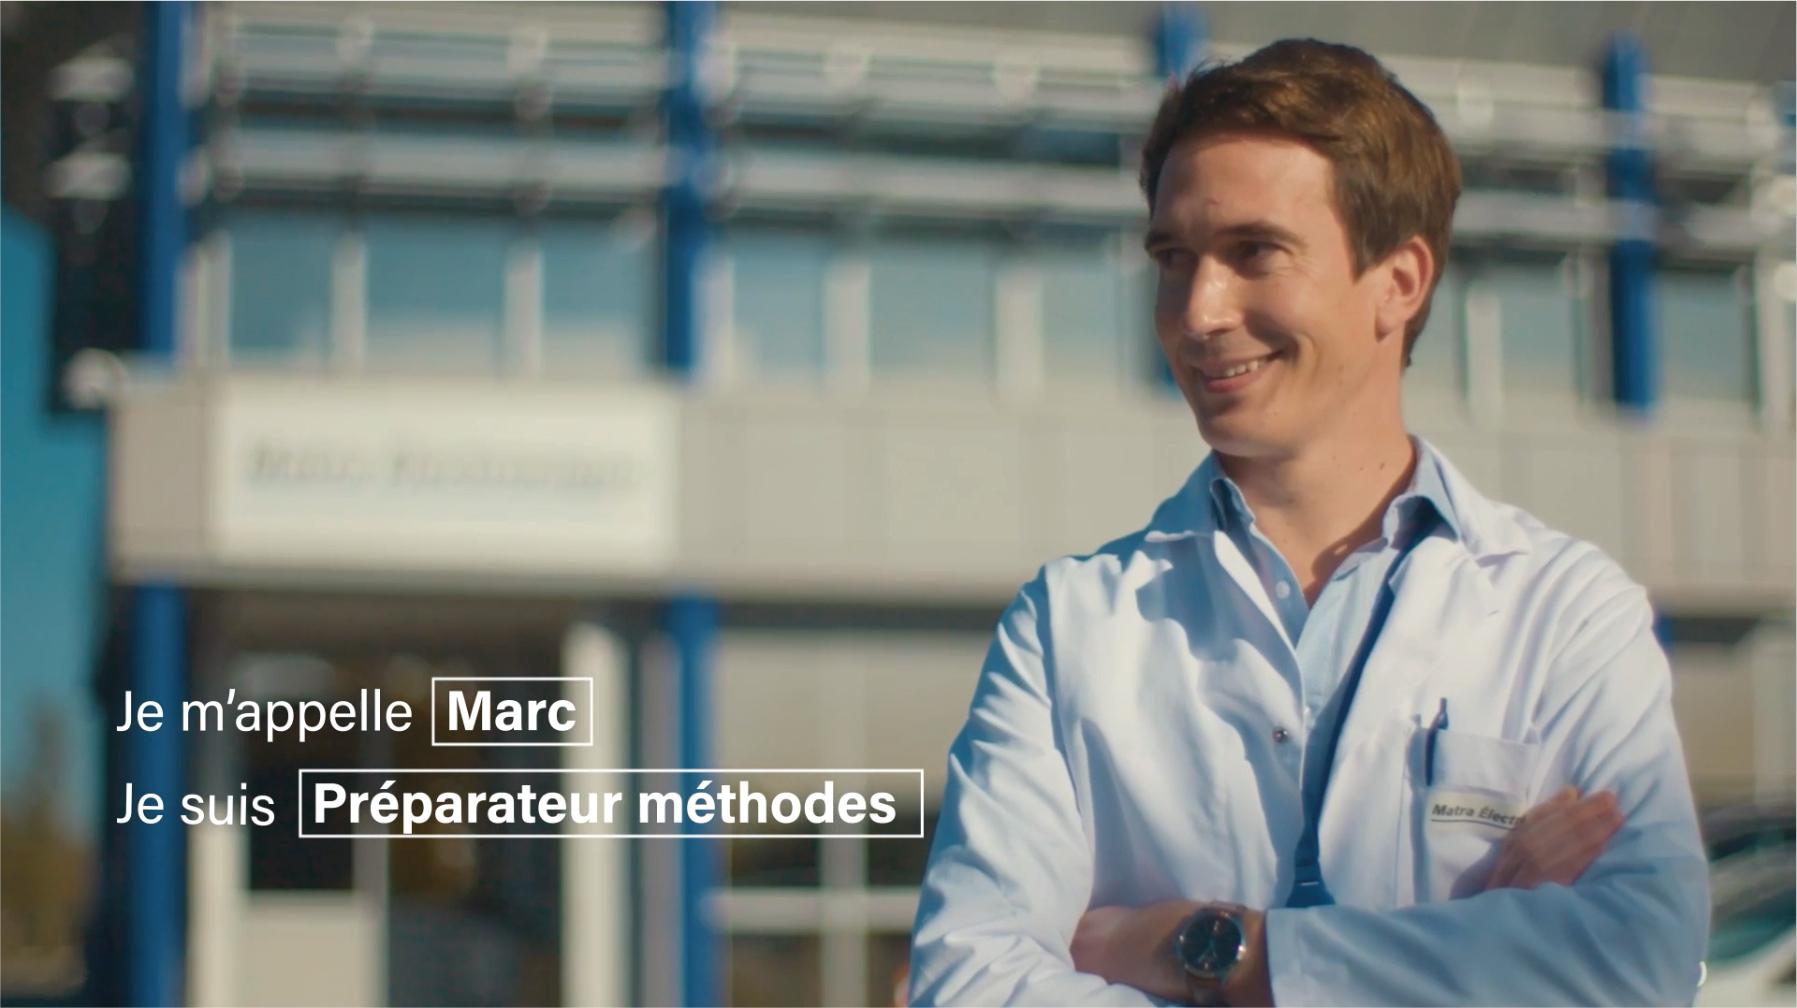 vignette vidéo Marc_Plan de travail 1